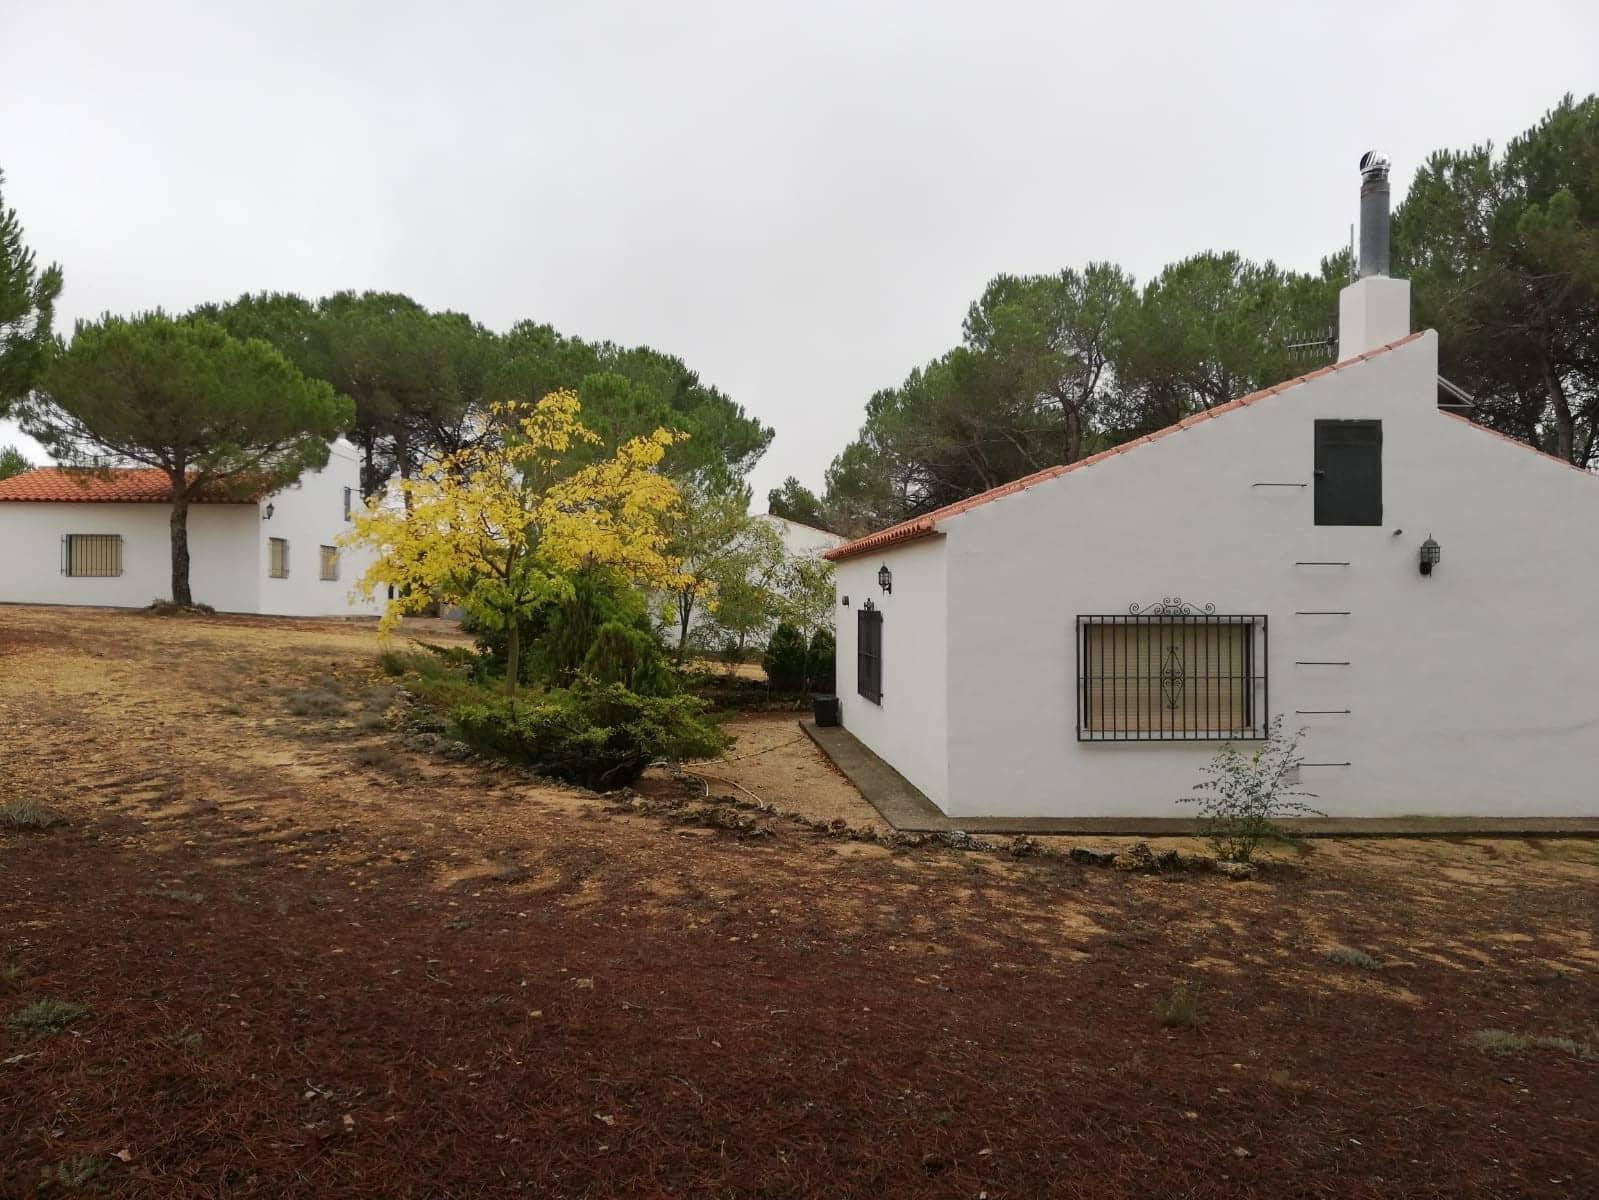 7 chambre Commercial à vendre à Albacete ville - 195 995 € (Ref: 4888802)